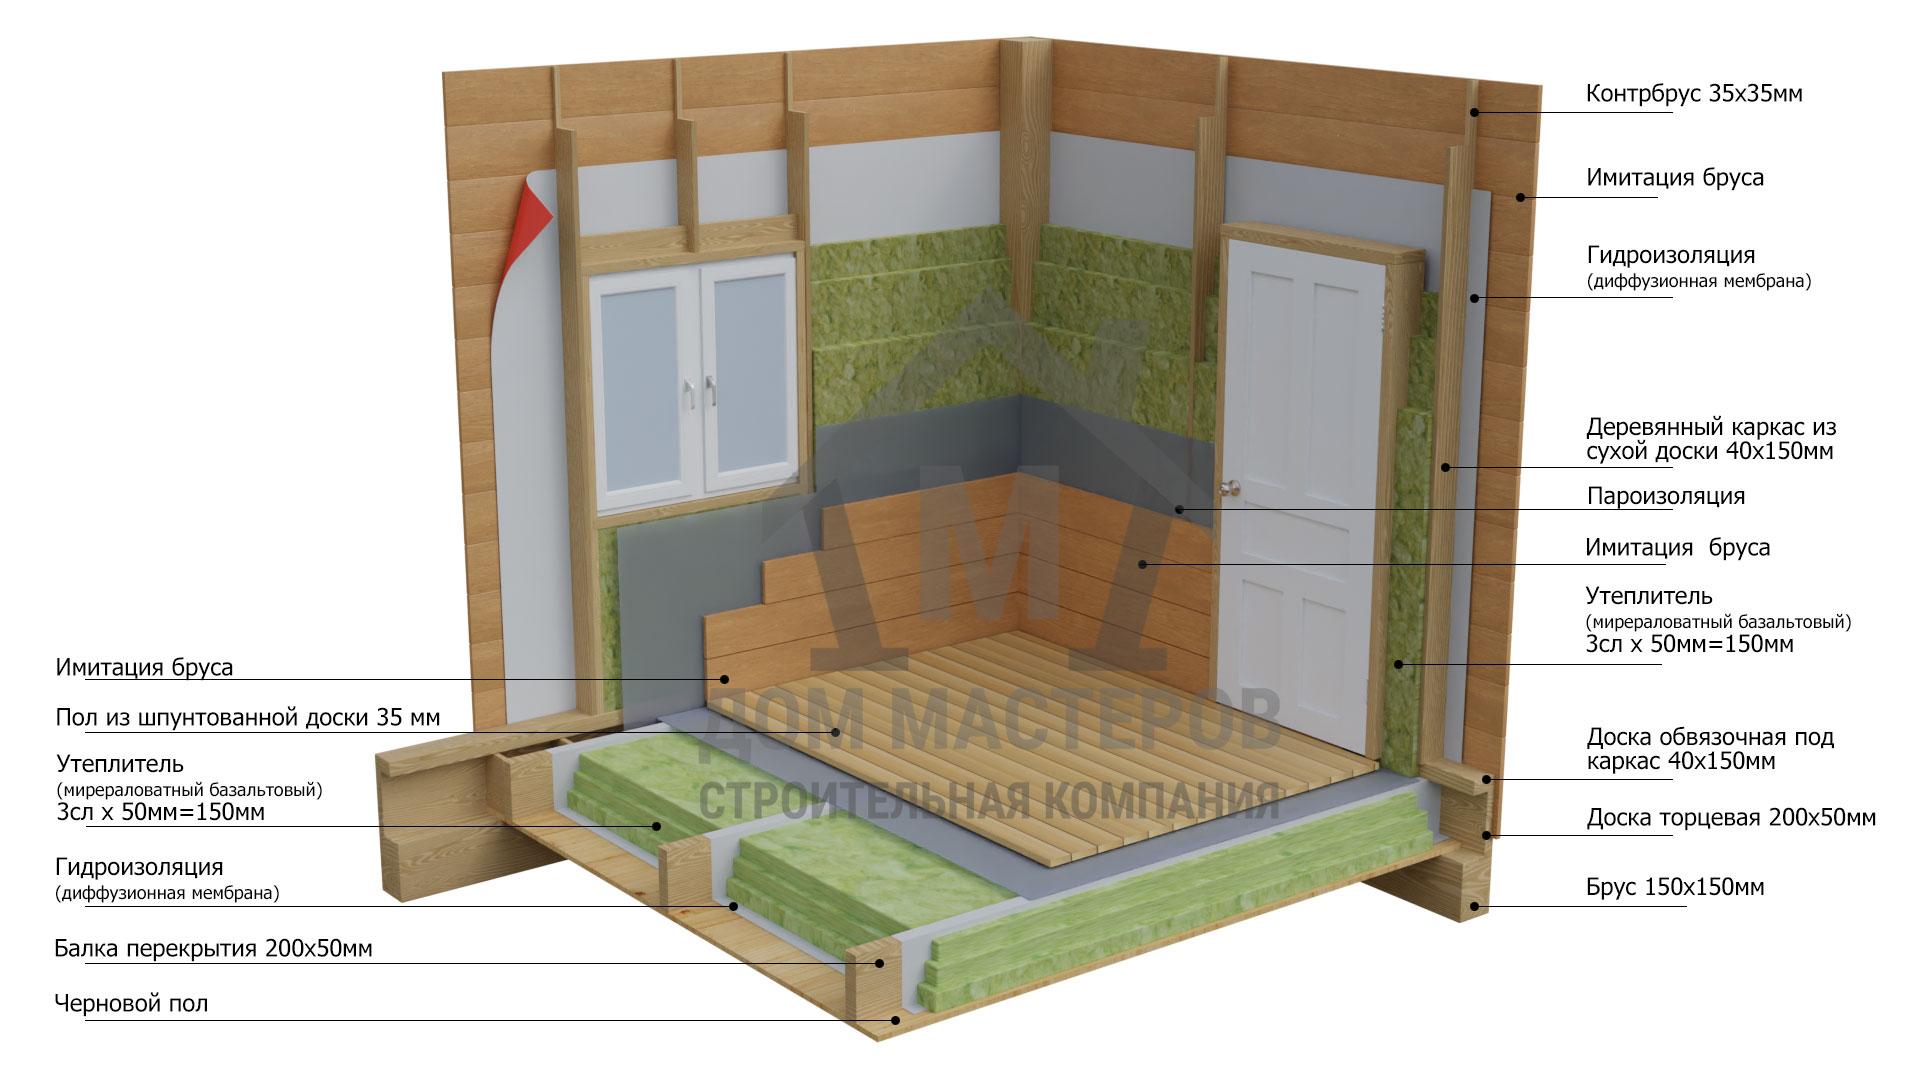 Схема описания стен и внутренней отделки в комплектации дома под ключ.